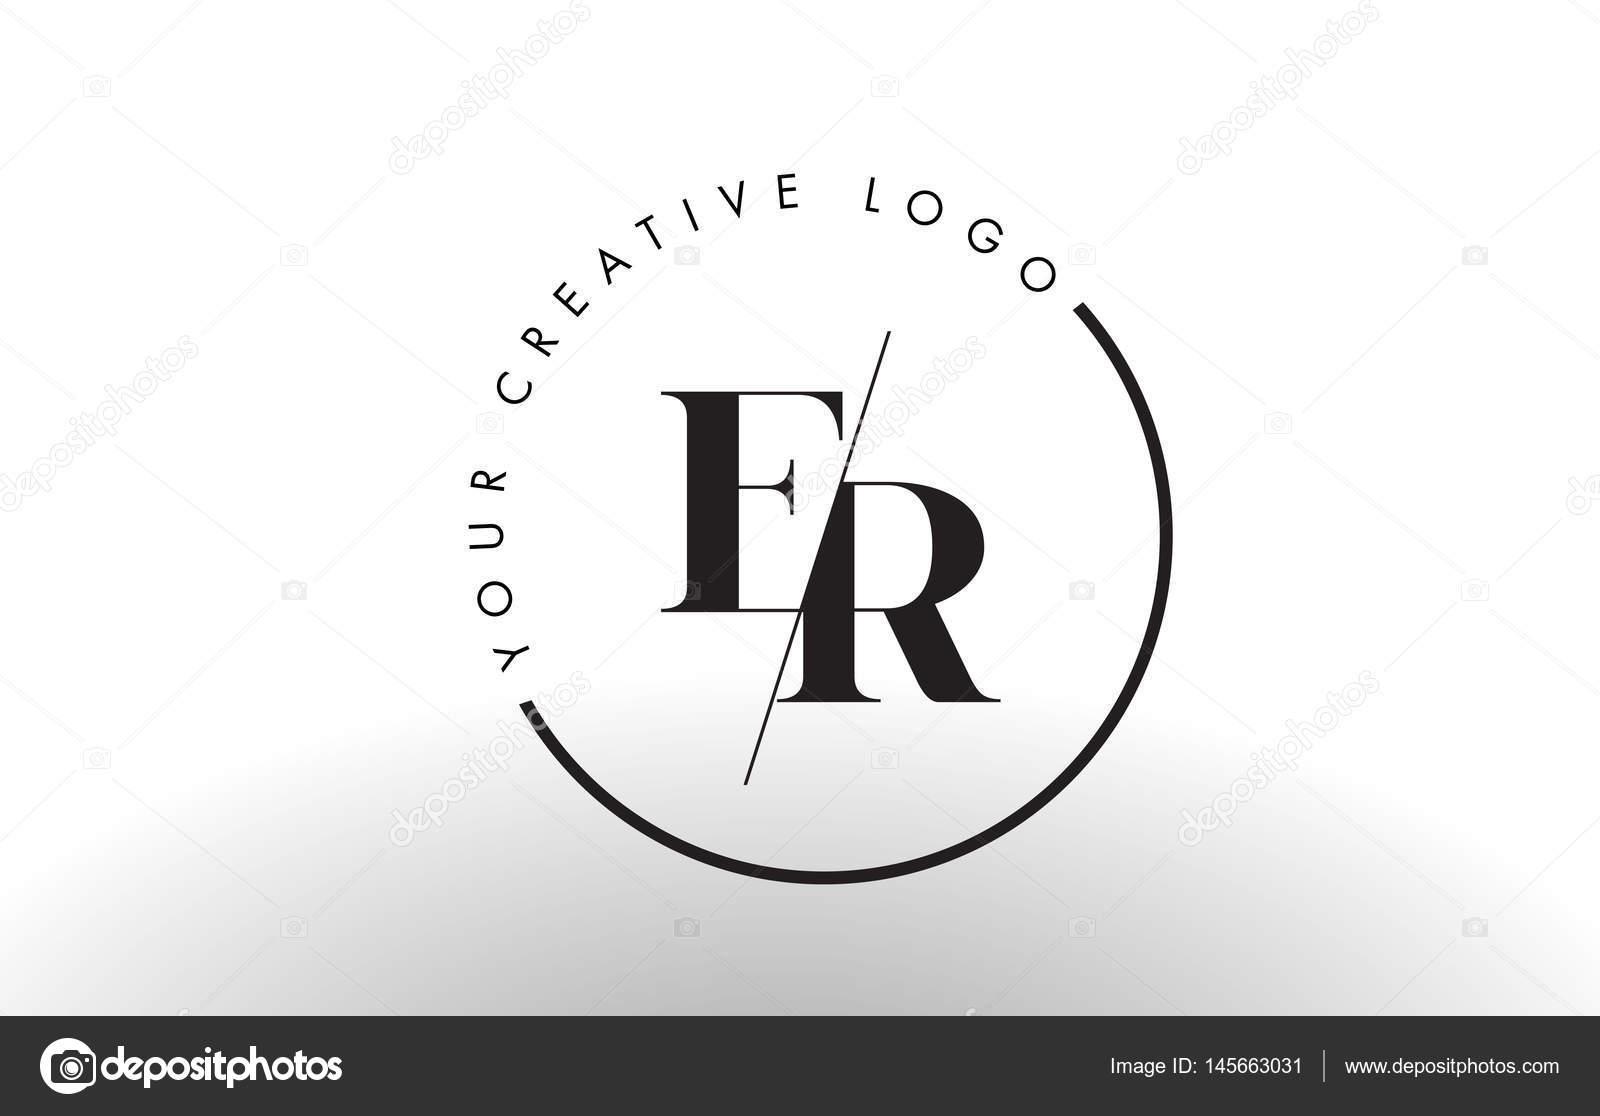 Design de logotipo de letra serif er com creative interseo corte design de logotipo de letra serif er com creative interseo corte vetores de stock ccuart Choice Image